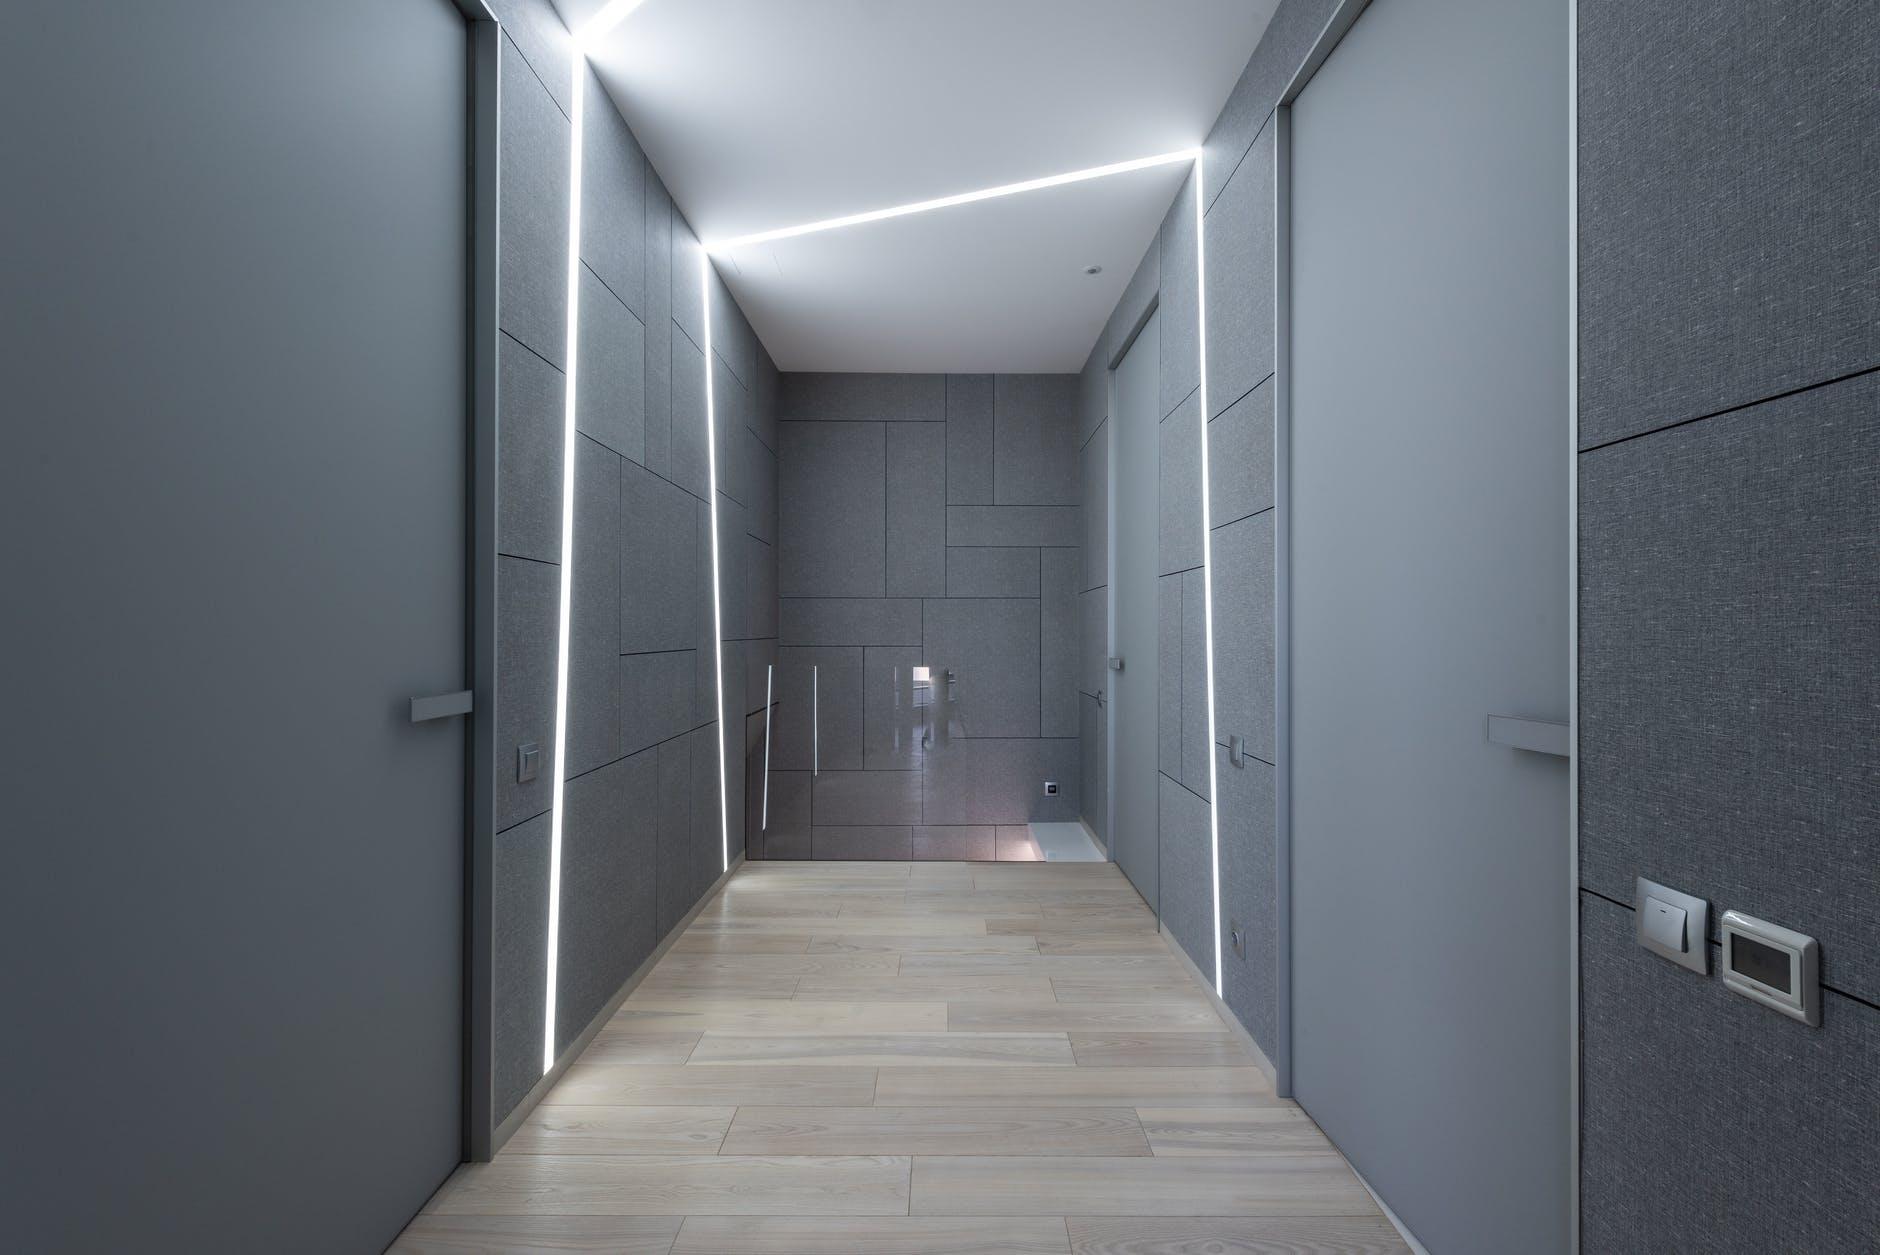 miestnosť, dver